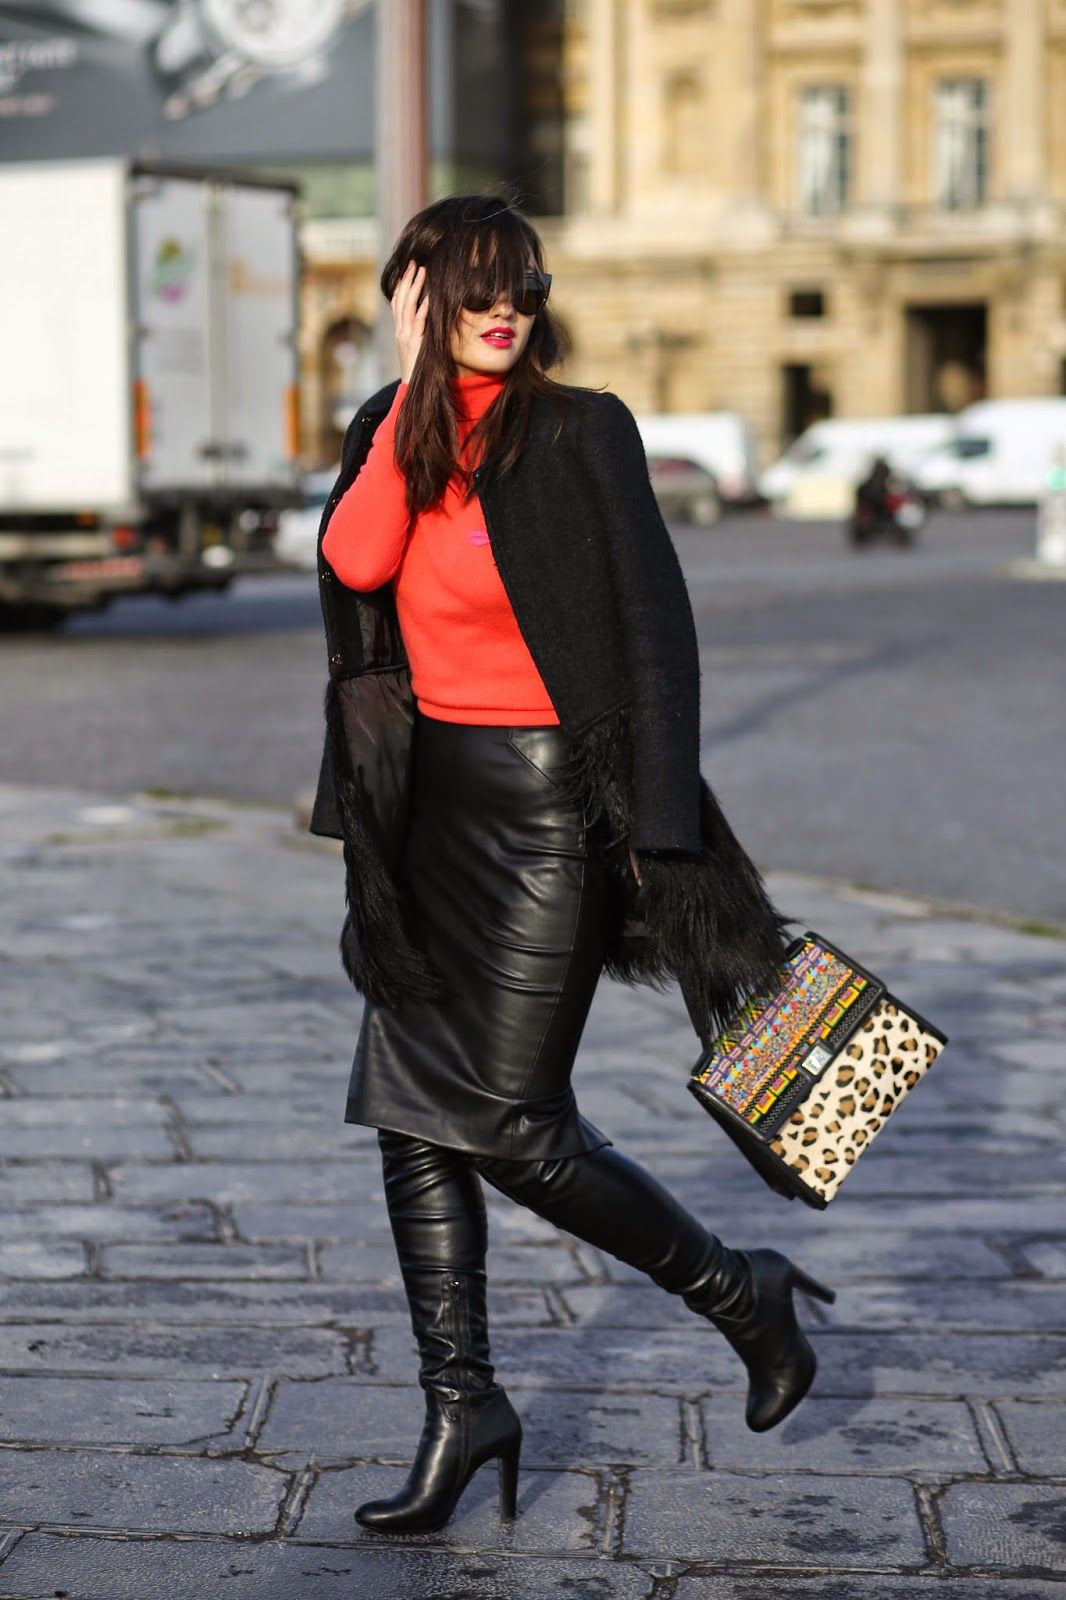 Winter fashion inspo